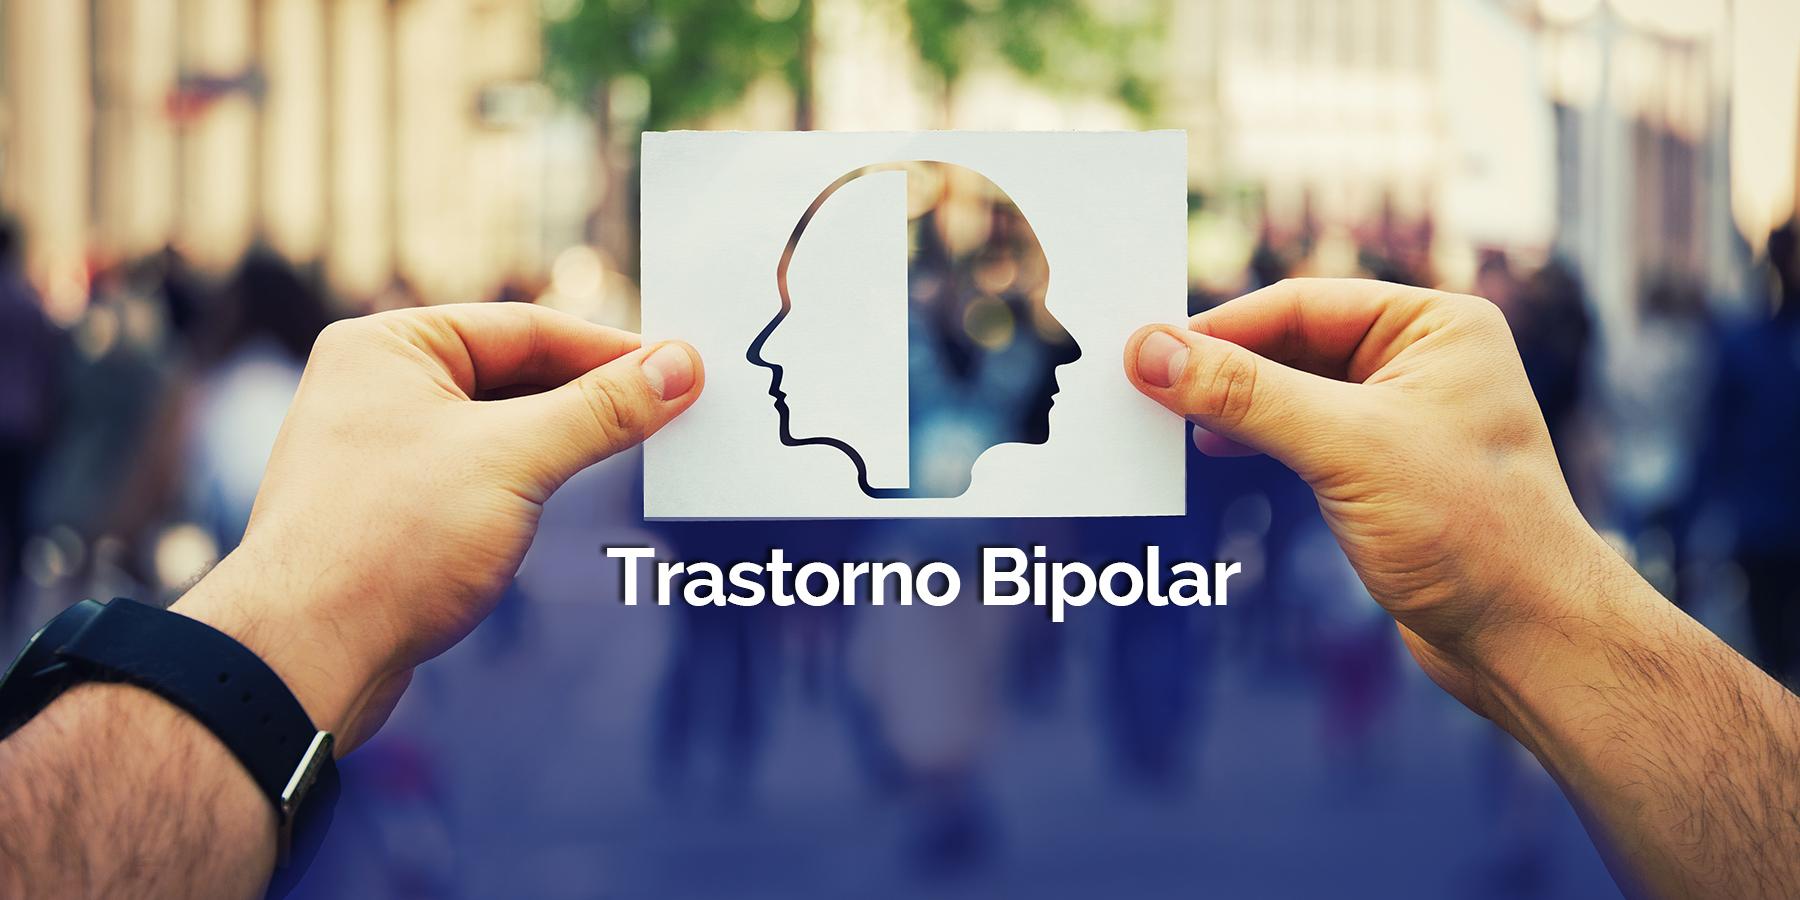 Algo sobre el Trastorno Bipolar